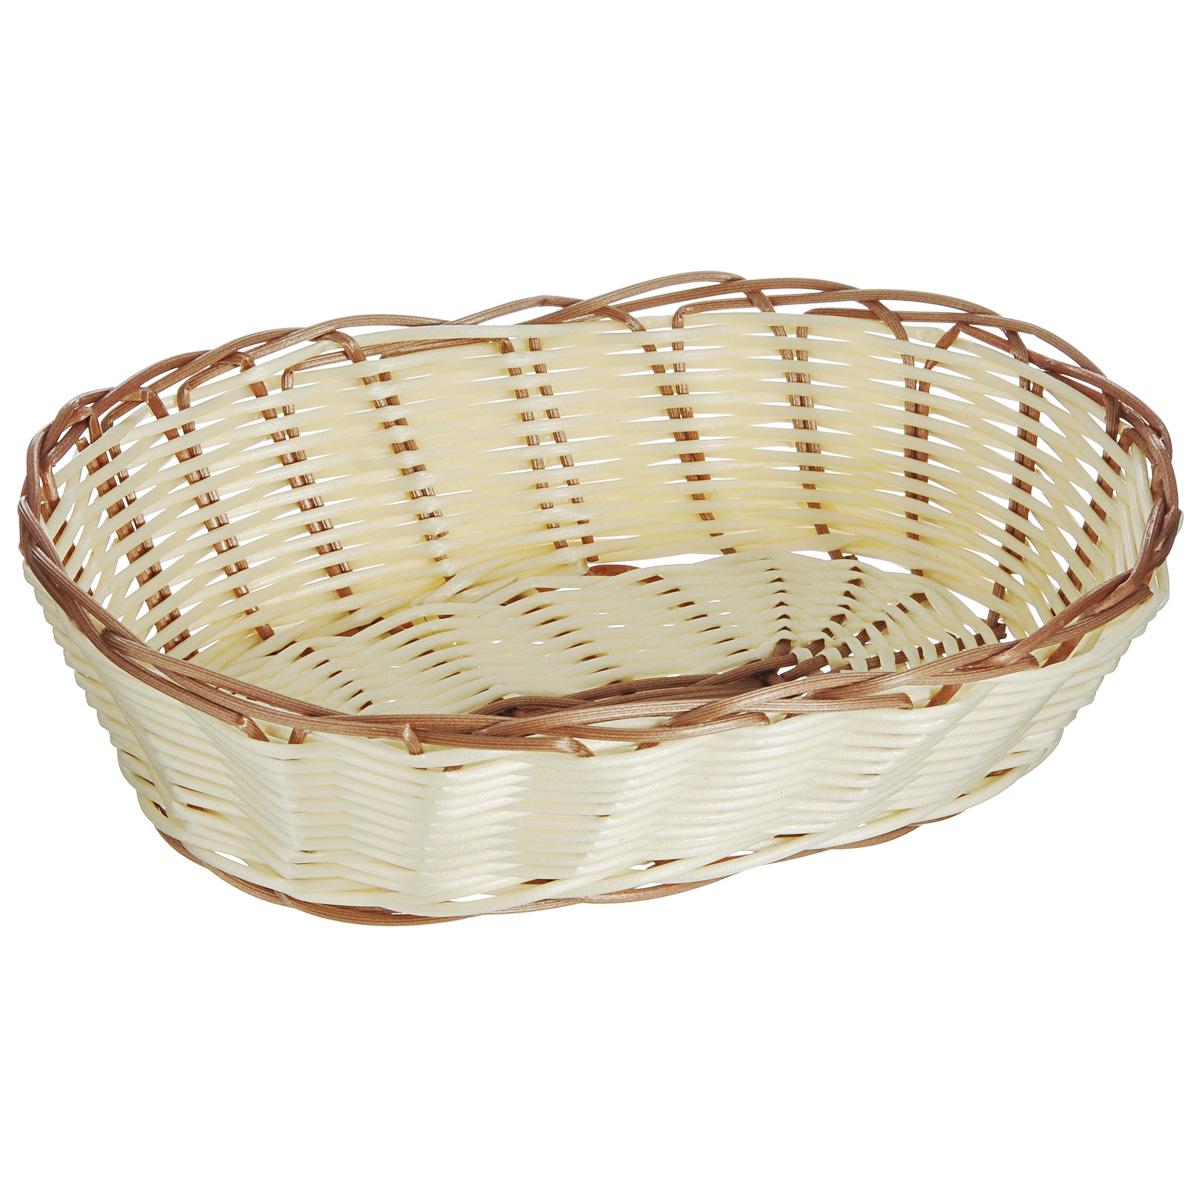 Корзинка для хлеба Kesper, 25 см х 17,5 см х 7 см. 1981-01981-0Оригинальная плетеная корзинка Kesper овальной формы, выполнена из пластика, напоминающего фактуру дерева. Корзинка прекрасно подойдет для вашей кухни. Она предназначена для красивой сервировки хлебобулочной продукции. Изящный дизайн придется по вкусу и ценителям классики, и тем, кто предпочитает утонченность и изысканность. Можно мыть в посудомоечной машине. Размер корзинки: 25 см х 17,5 см х 7 см.